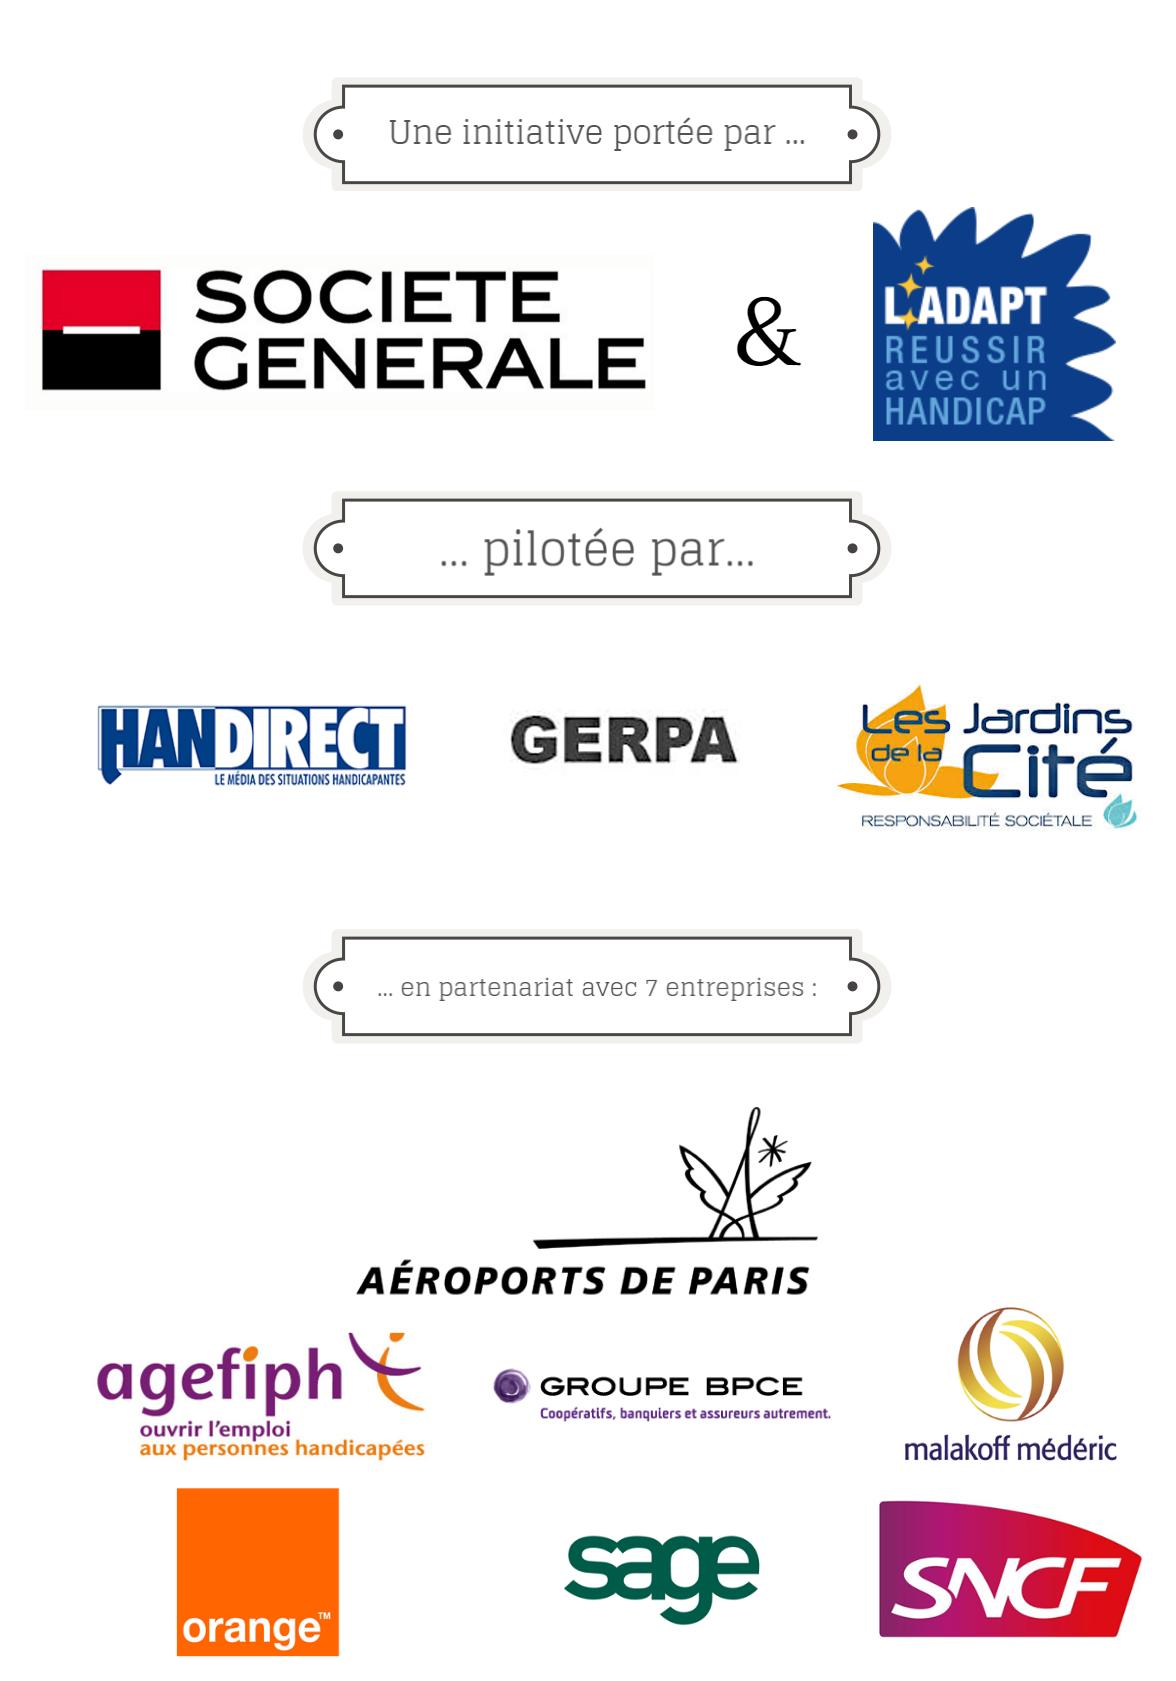 Une initiative portée par : Société Générale et L'ADAPT ... Pilotée par... Handirect, GERPA, Les jardins de la Cité...en partenariat avec 7 entreprises : Aéroports de Paris, Agefiph, Groupe BPCE, Malakoff Médéric, Orange, Sage, SNCF